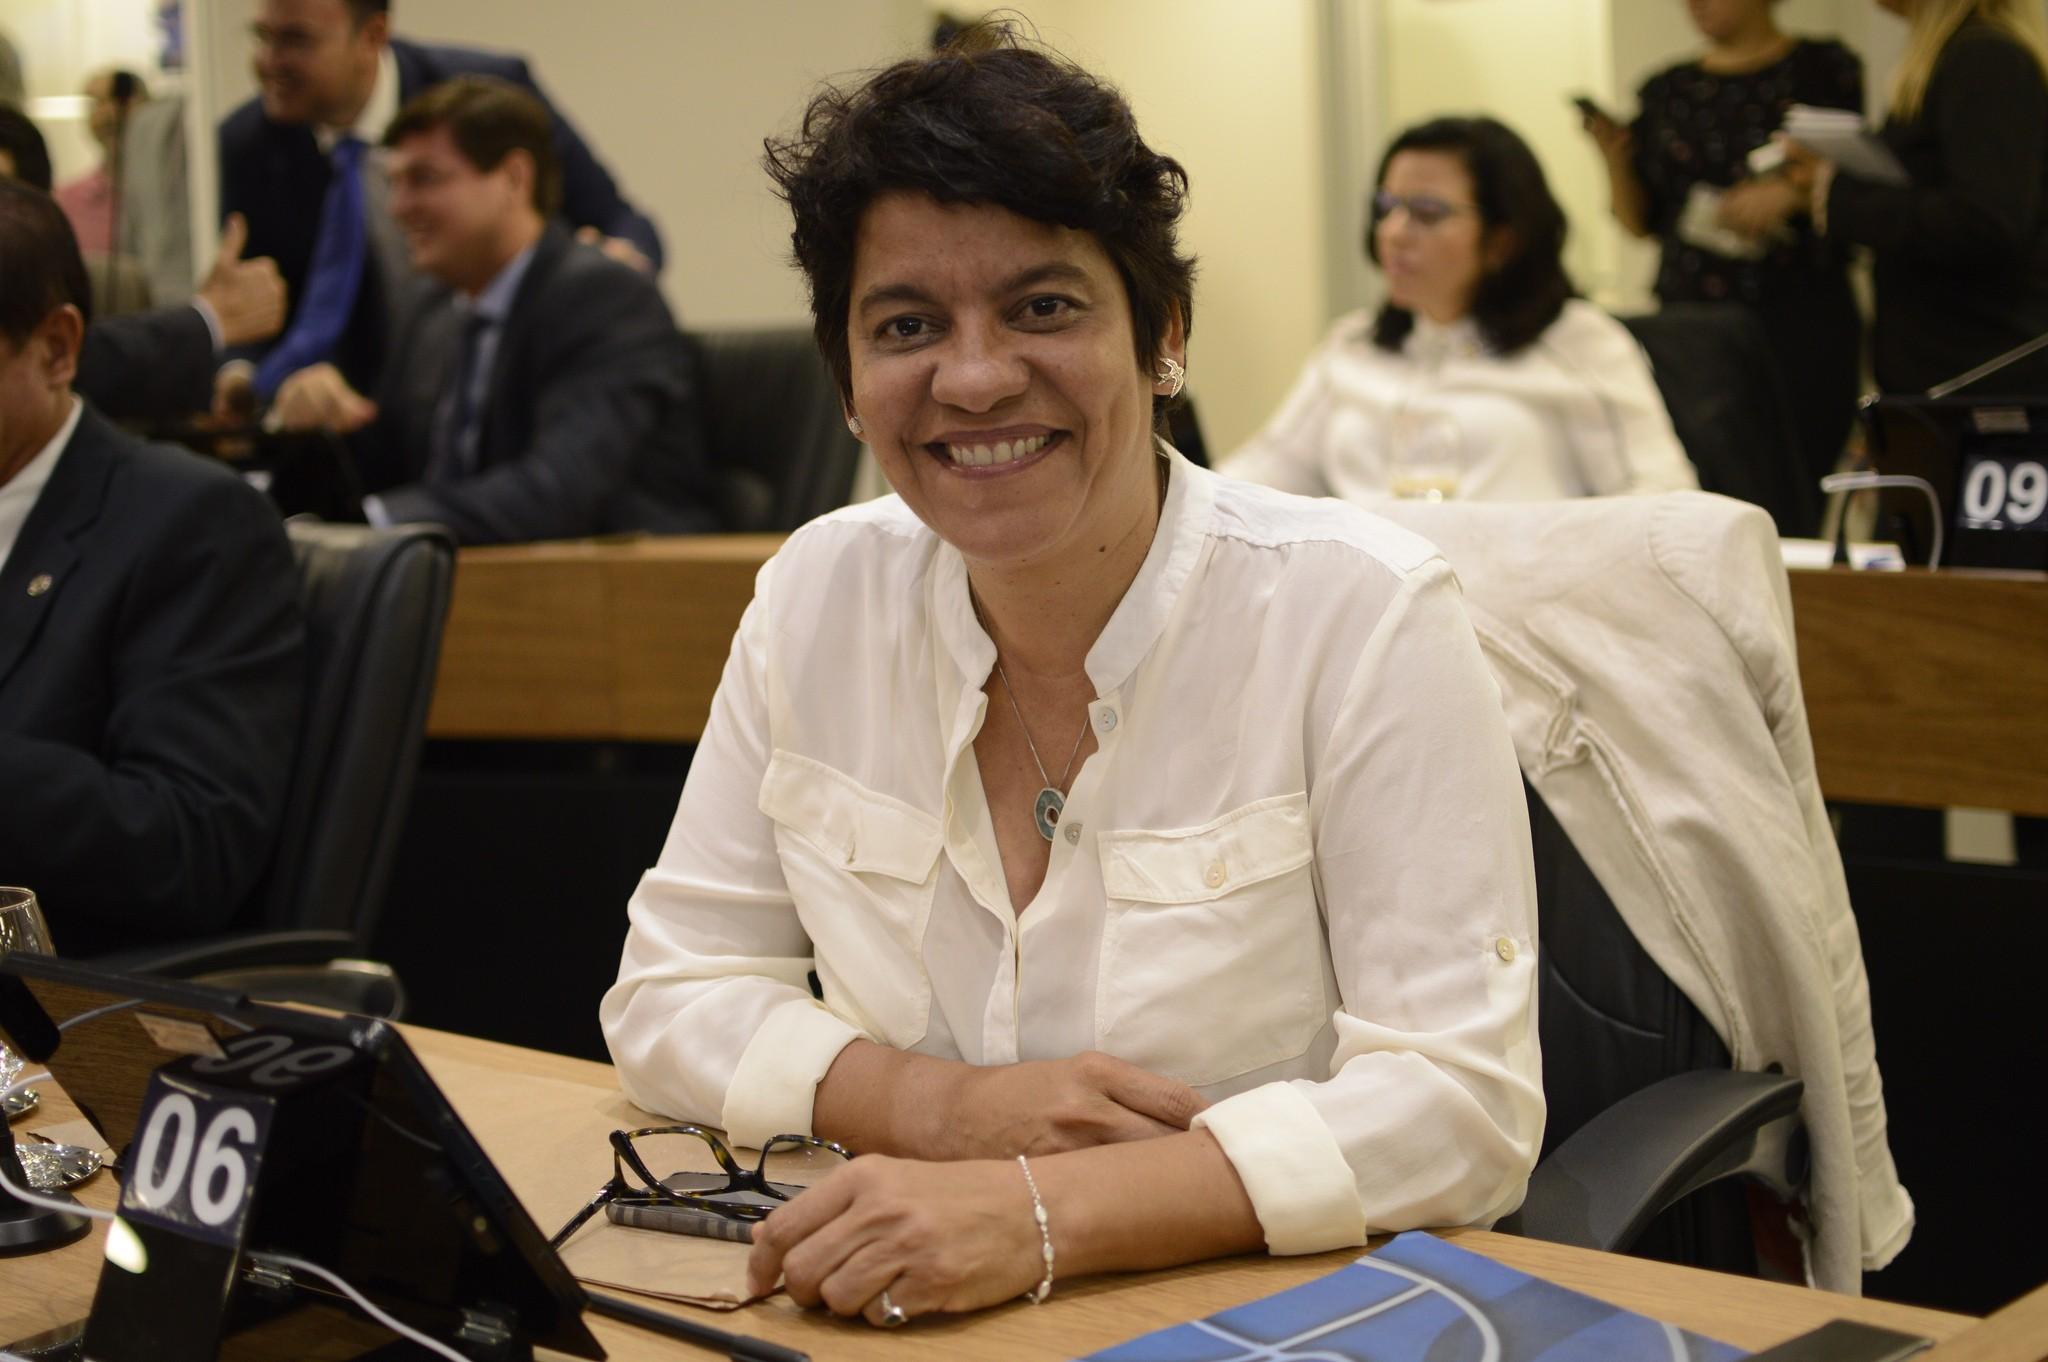 Deputada estadual da PB é citada em decisão de desembargador em processo da Operação Calvário - Notícias - Plantão Diário